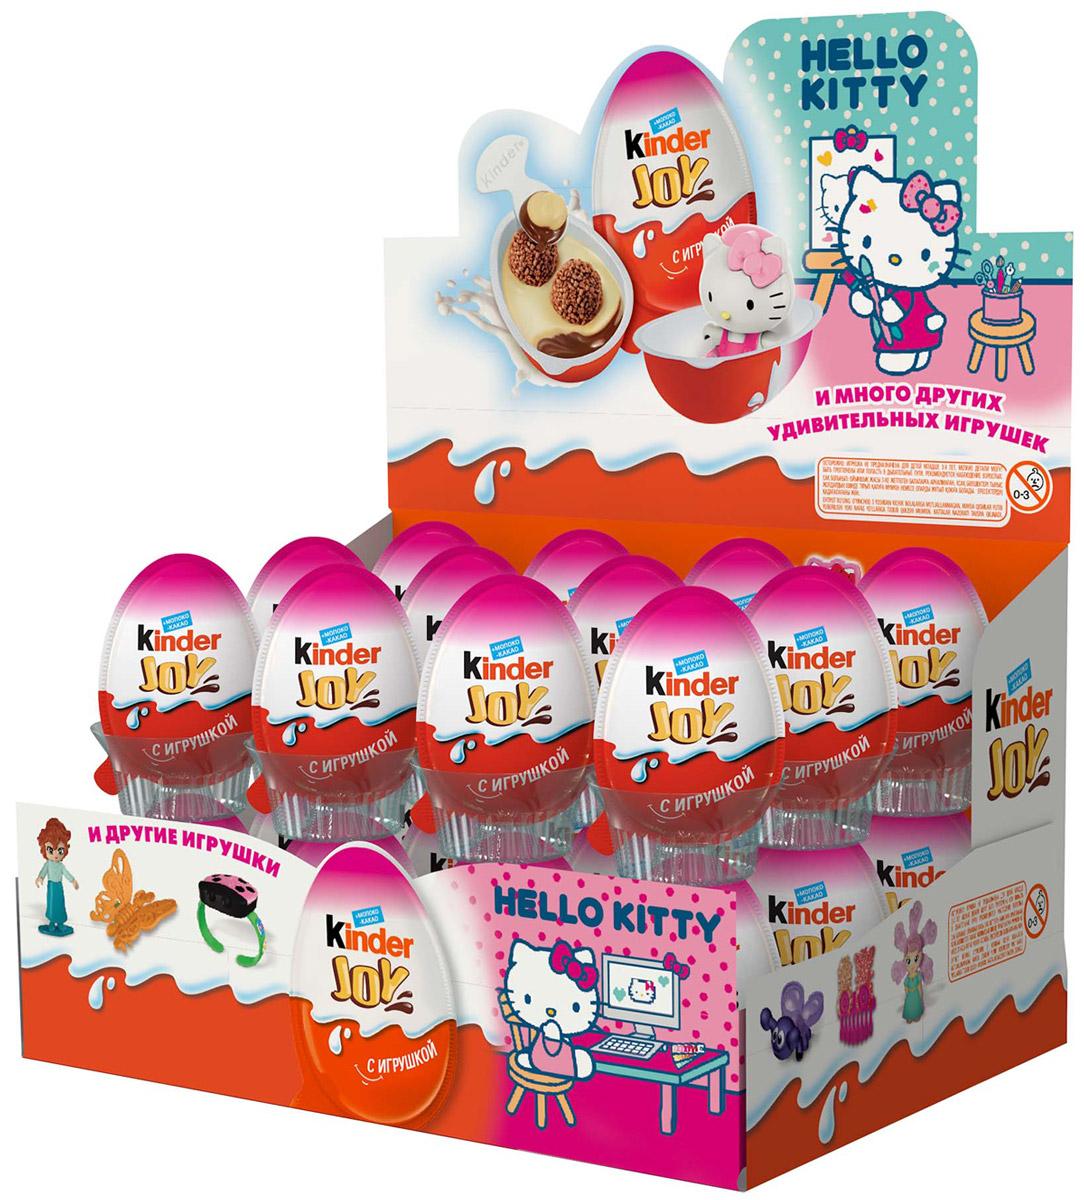 Kinder Joy Hello Kitty кондитерское изделие с игрушкой 21 г80768258Кондитерское изделие Kinder Joy с игрушкой: молочно-ореховая паста с какао и с двумя вафельными шариками, покрытыми какао.